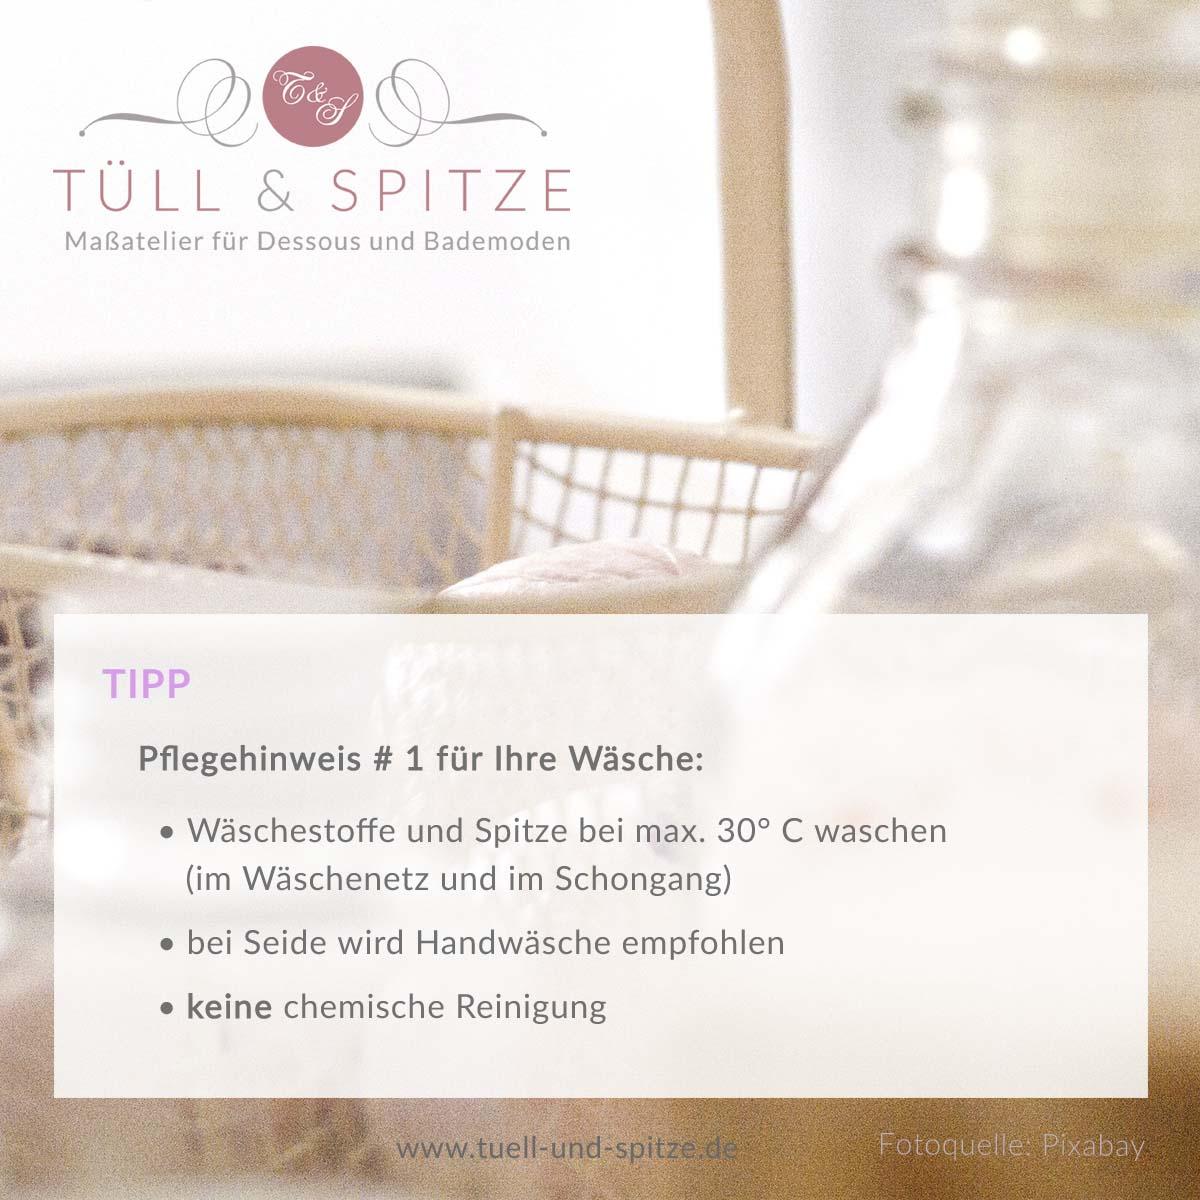 Tipps - Pflegehinweis Waschen